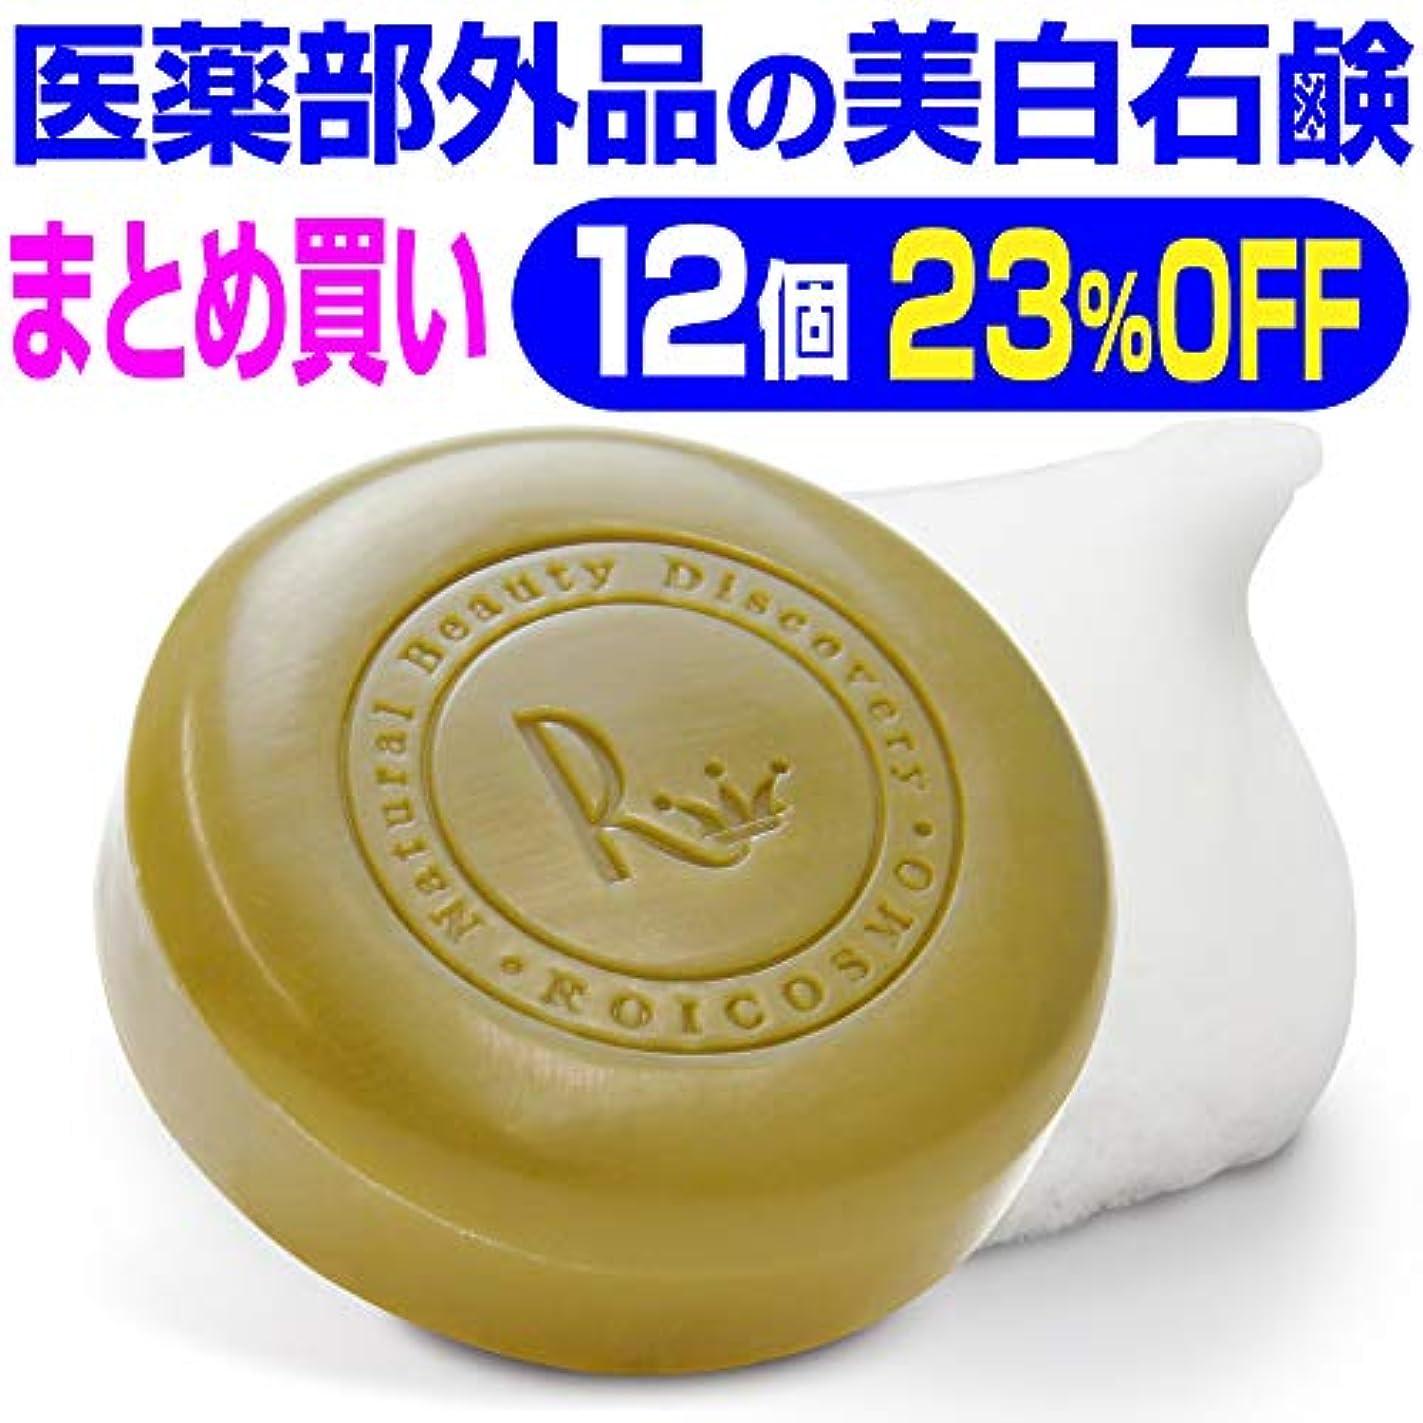 12個まとめ買い23%OFF 美白石鹸/ビタミンC270倍の美白成分配合の 洗顔石鹸『ホワイトソープ100g×12個』